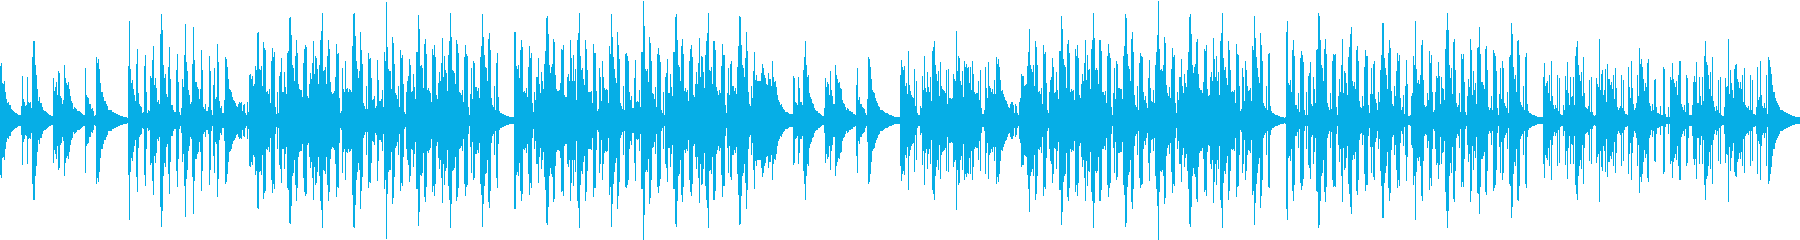 お洒落・センチメンタル・寂しさ・ピアノの再生済みの波形